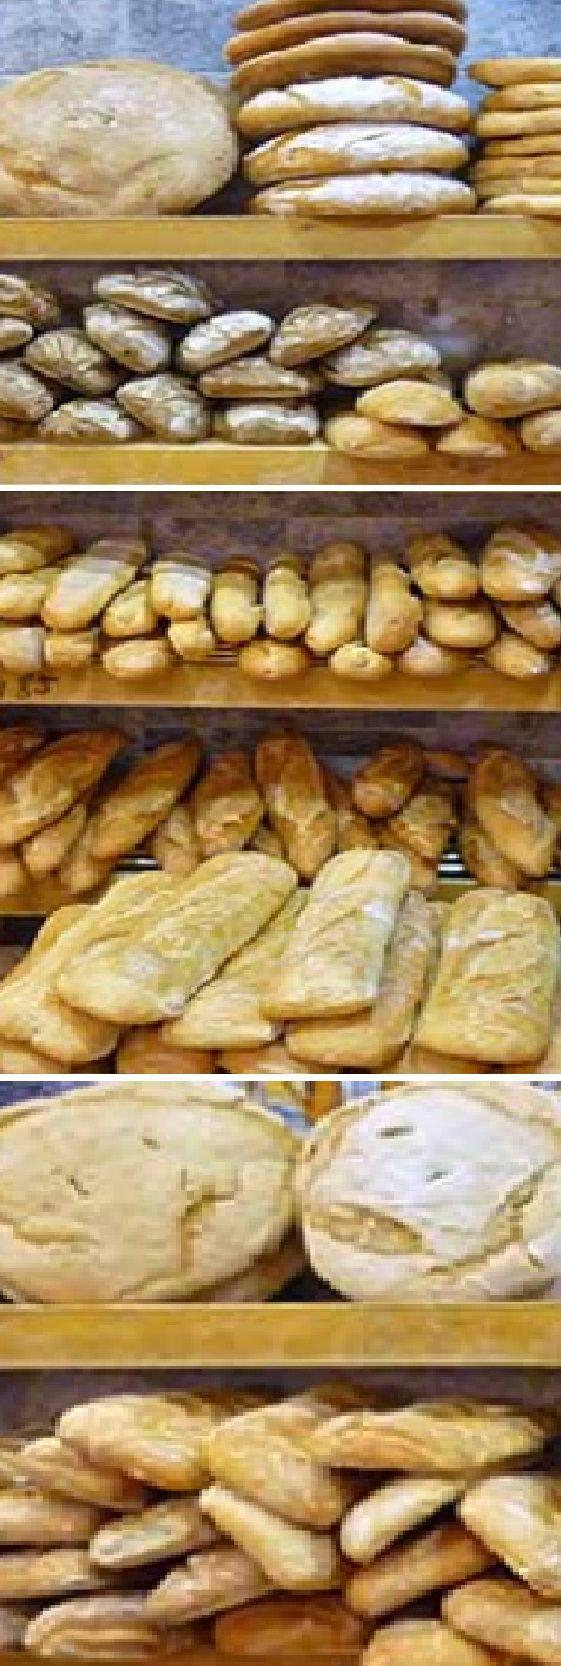 Realiza los 7 mejores y distintos tipos de PAN EN CASA. #pancasero #panaderia #pandemolde #7 #losmejores #panencasa #bread #breadrecipes #pan #panfrances #pantone #panes #pantone #pan #receta #recipe #casero #torta #tartas #pastel #nestlecocina #bizcocho #bizcochuelo #tasty #cocina #chocolate Si te gusta dinos HOLA y dale a Me Gusta MIREN…